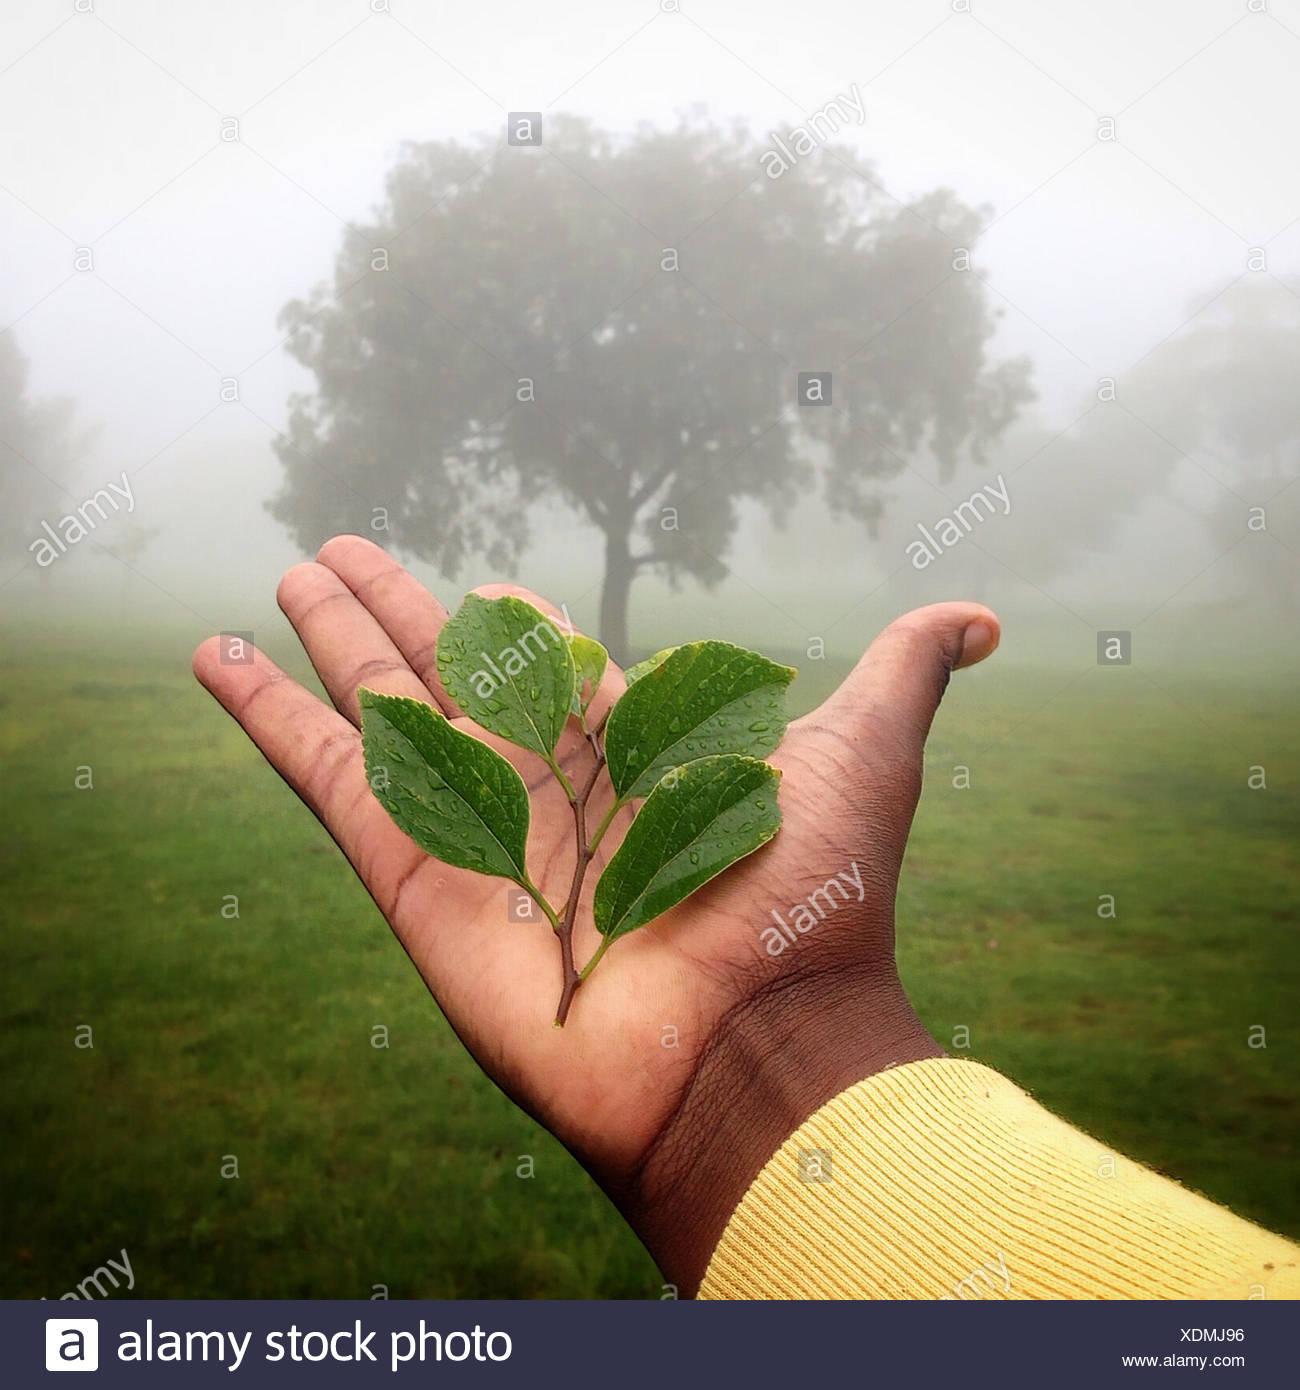 Mano humana sosteniendo la planta con el árbol en el fondo, Gauteng, Johannesburgo, Sudáfrica Foto de stock